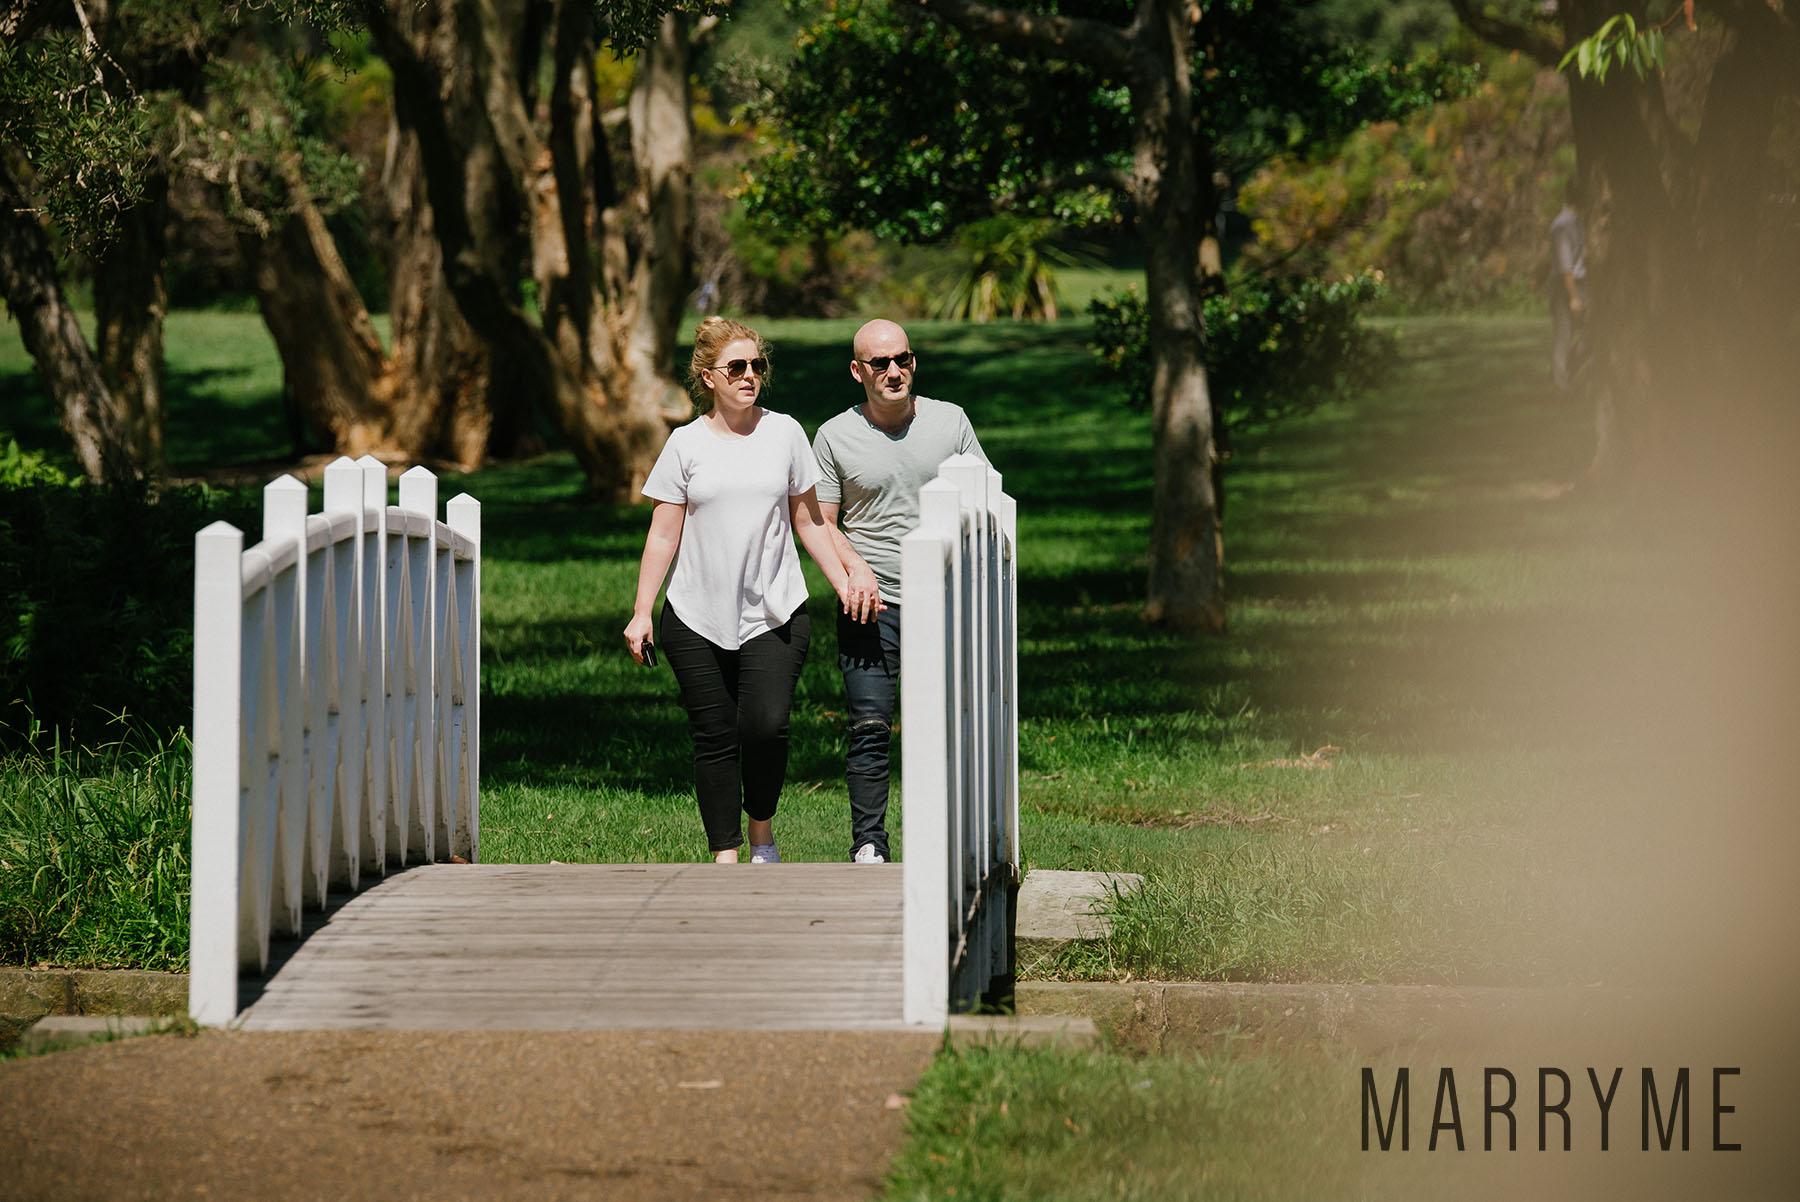 2_Centennial_Park_Parklands_marriage_proposal_sydney_marryme